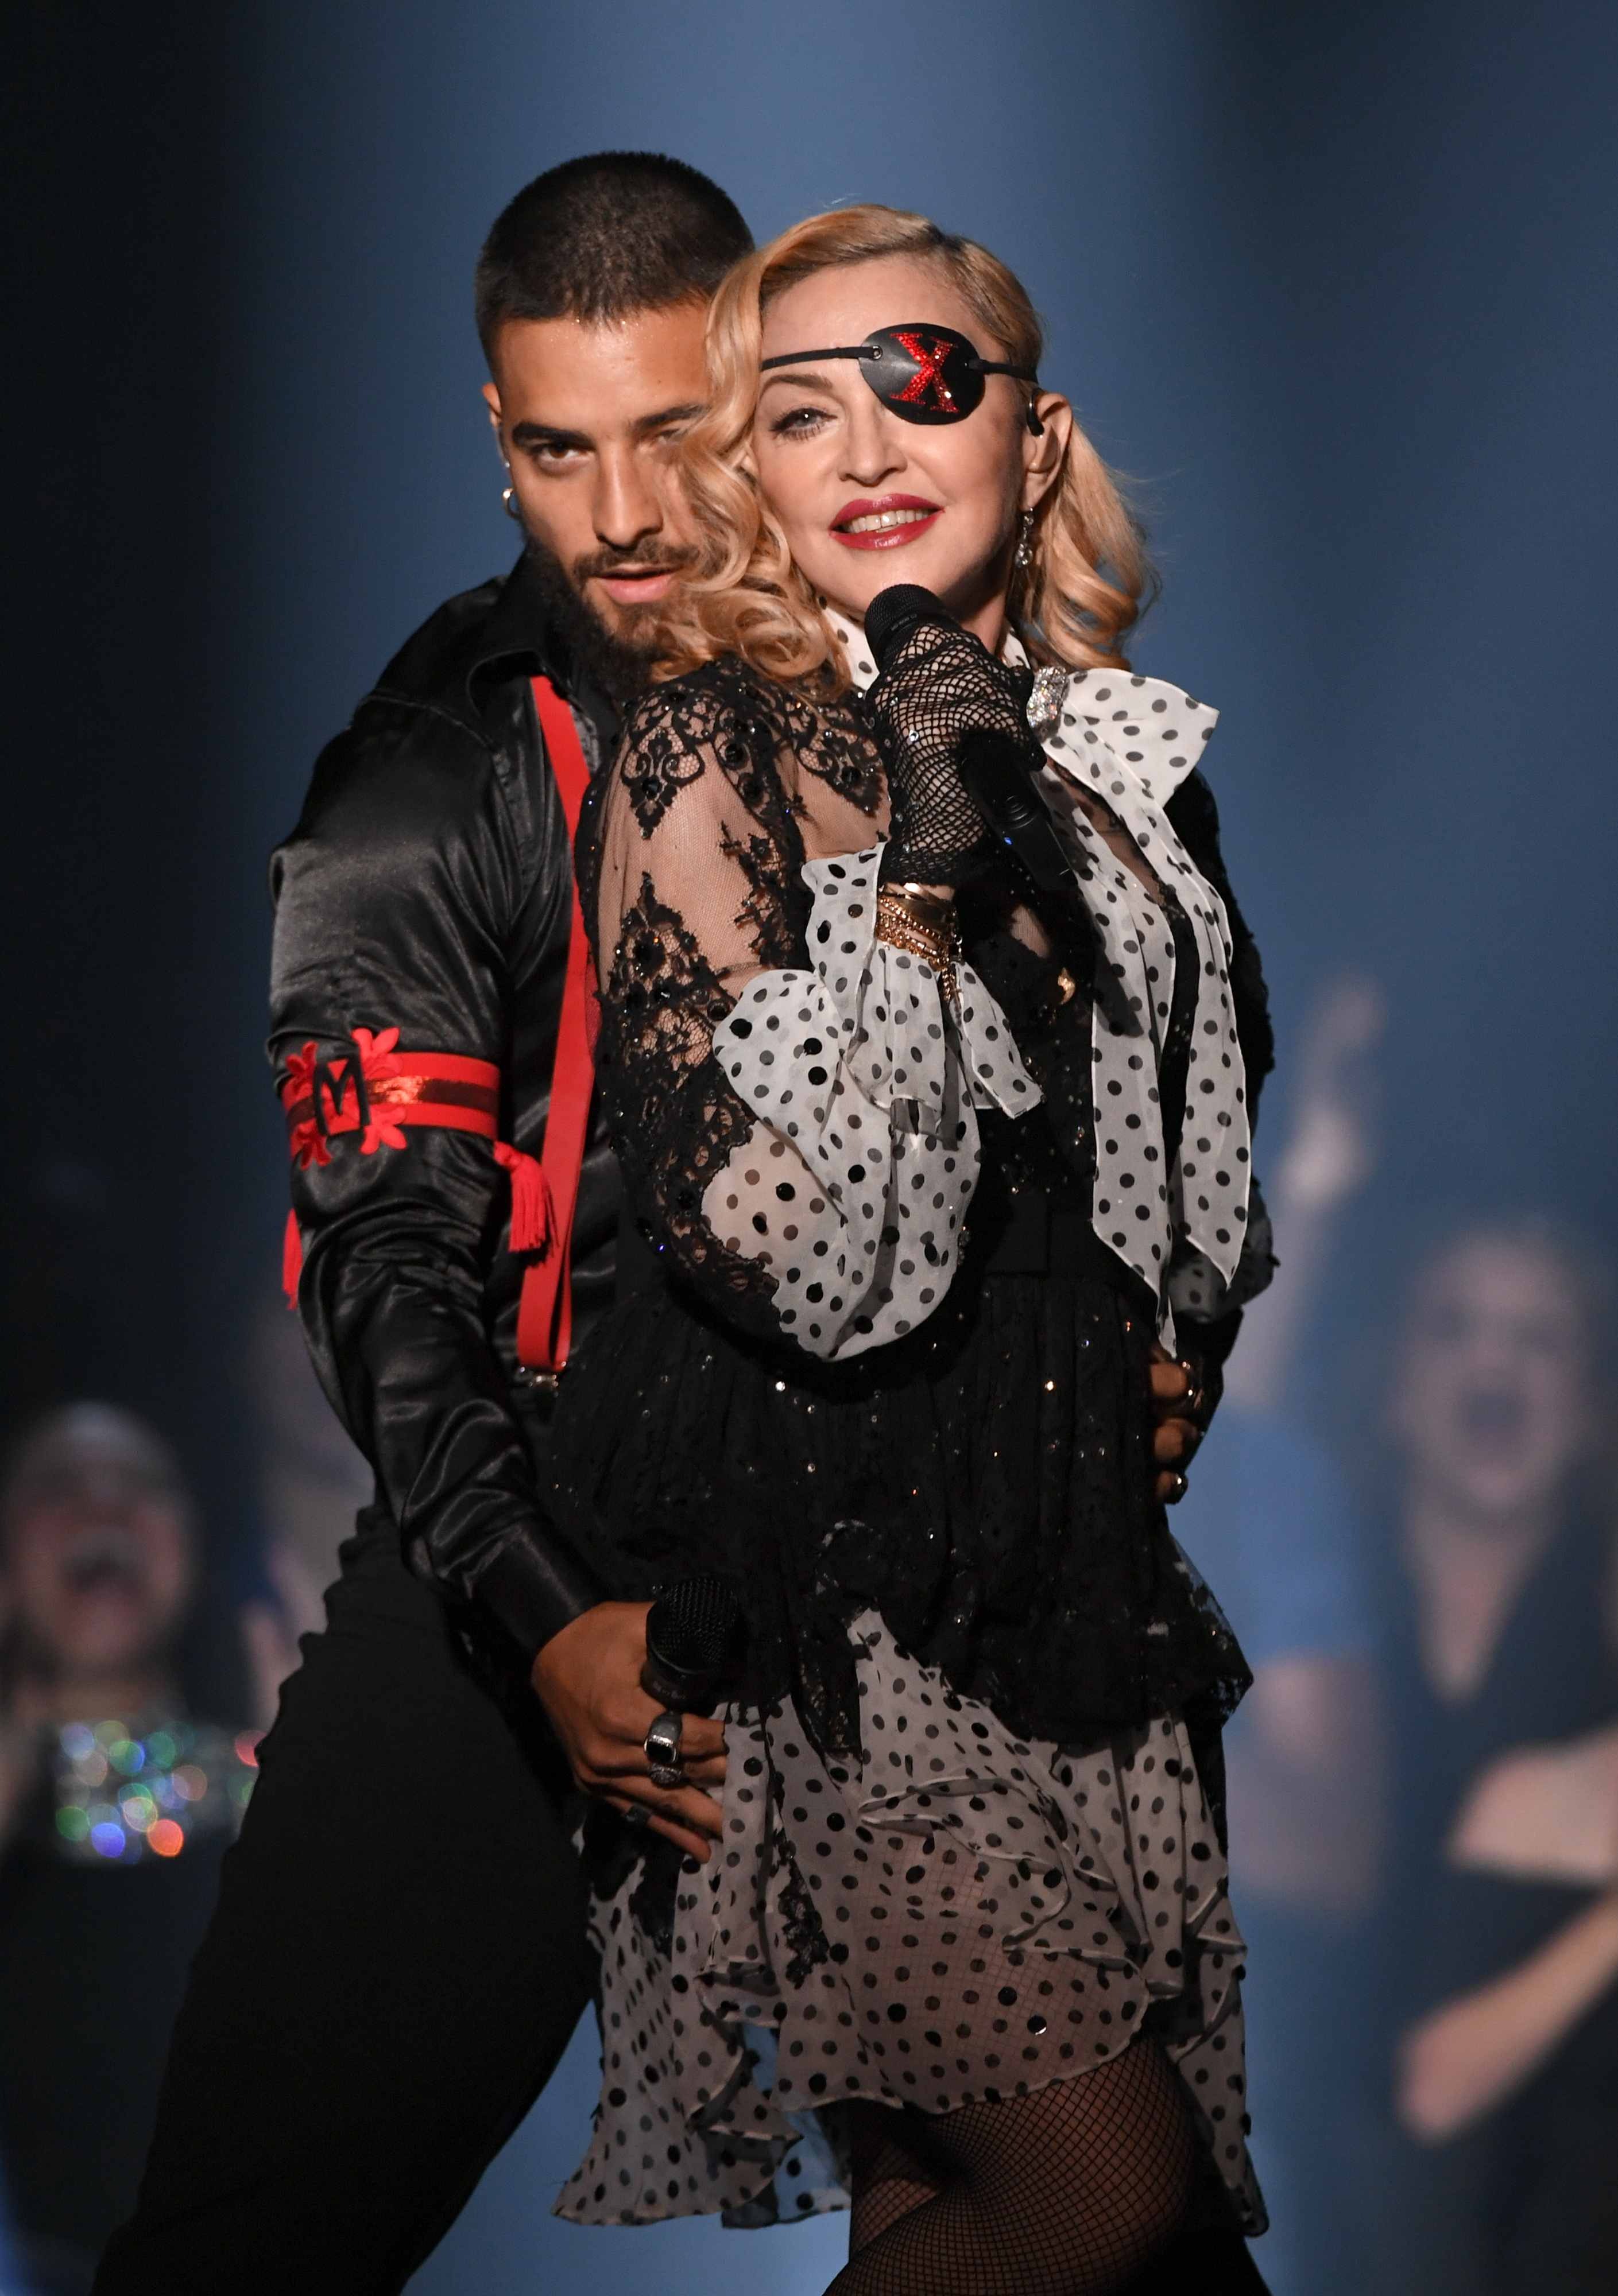 Кралицата на поп музиката Мадона и колумбиецът Малума изпяха новата си песен Medellin, като на сцената с тях танцуваха и холограми на Мадона в различни одежди.Песента е от 14-ия албум на певицата Madame X, който ще има премиера на 14 юни.